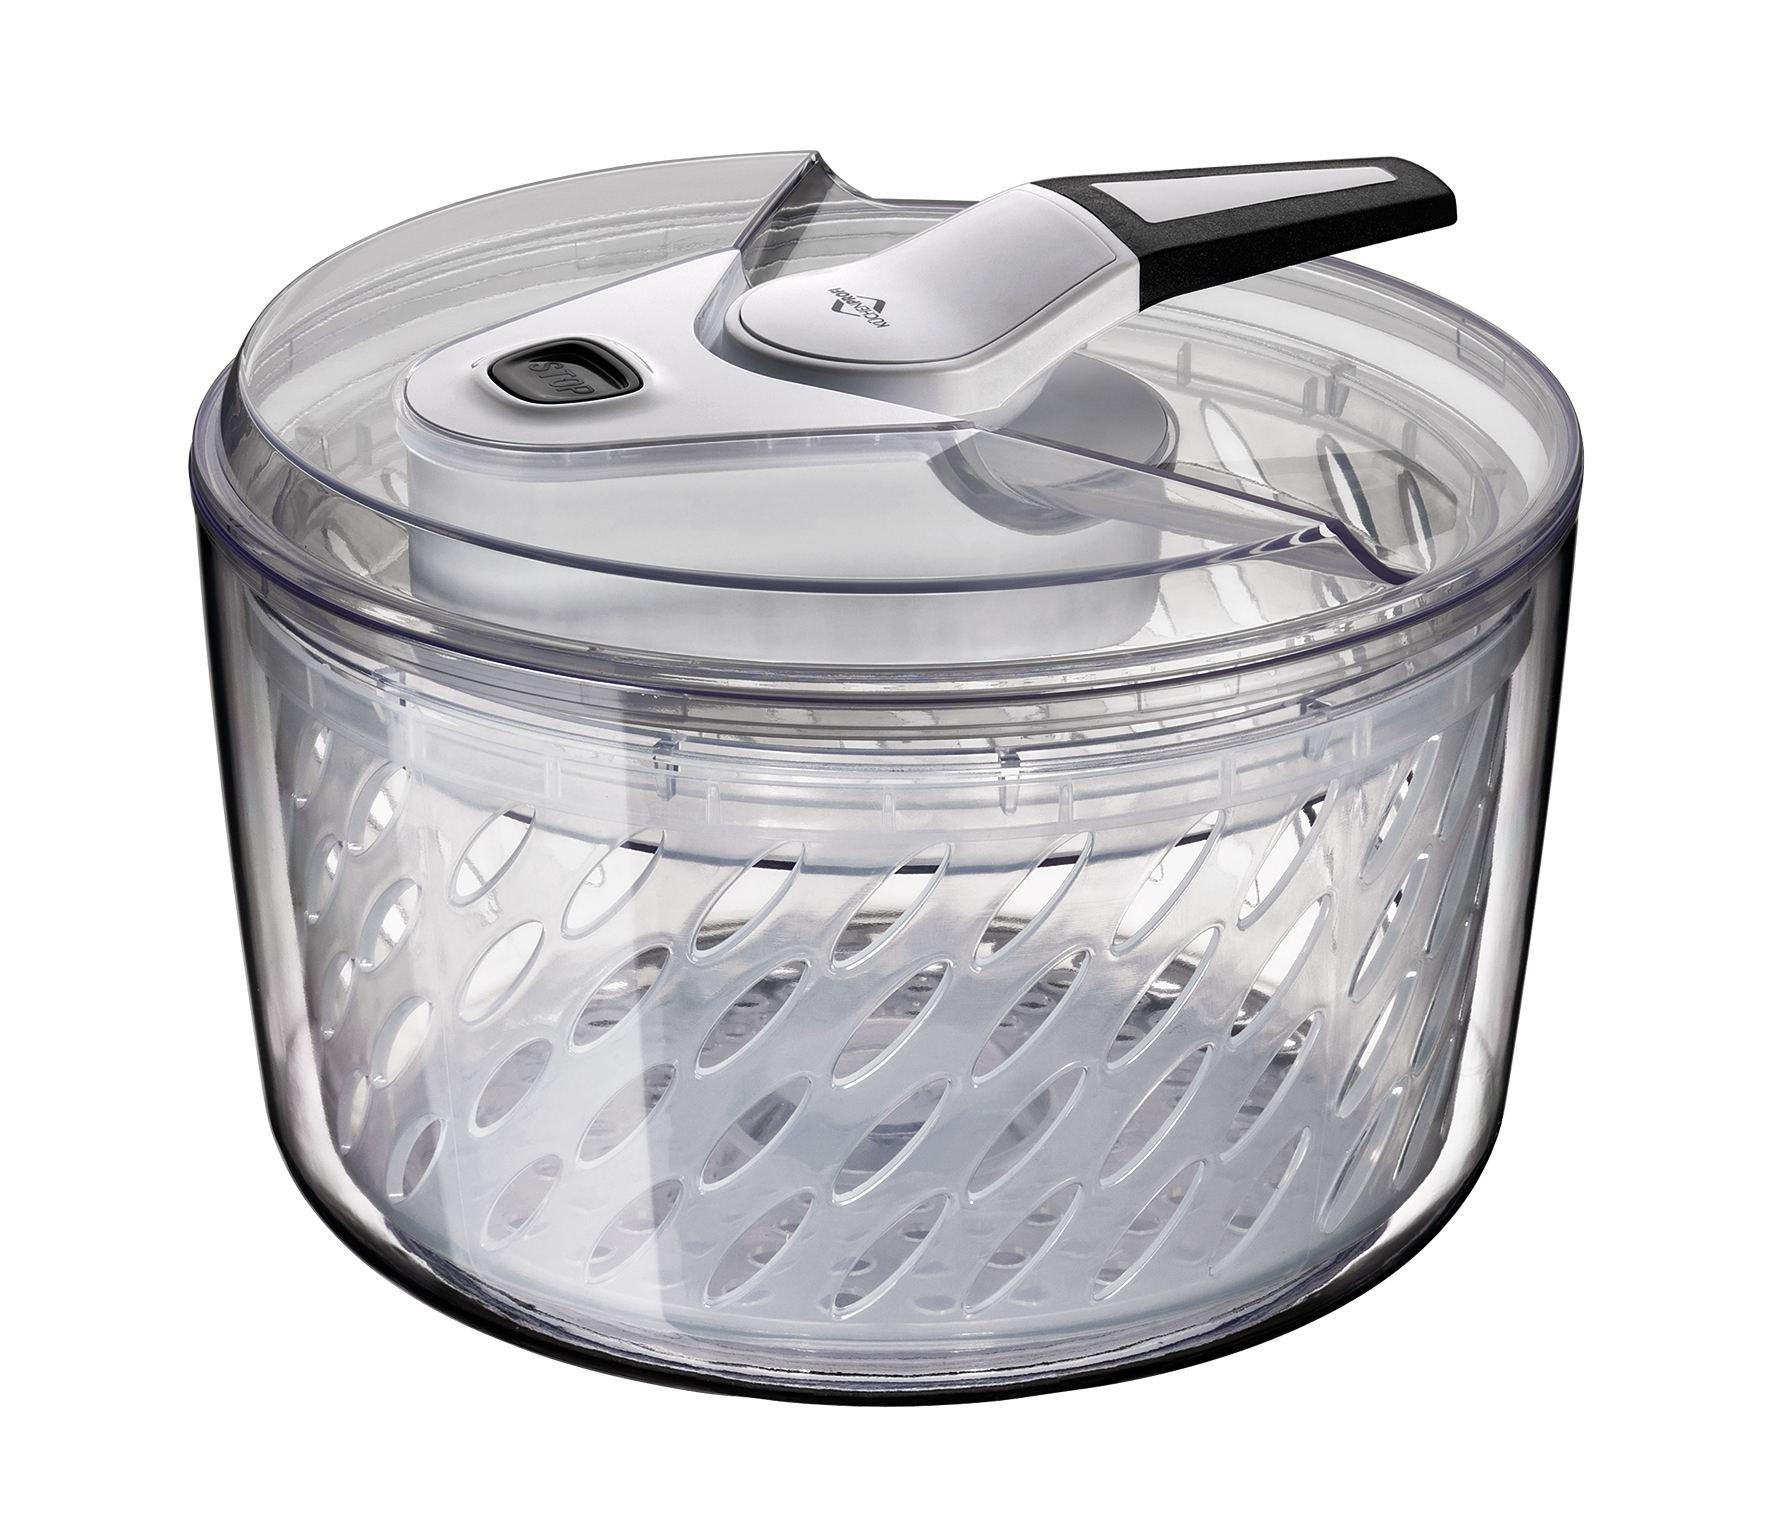 Küchenprofi Salatschleuder ~ salatschleuder fresh küchensieb deckel küchenhelfer salatschüssel set salatsieb salattrockner